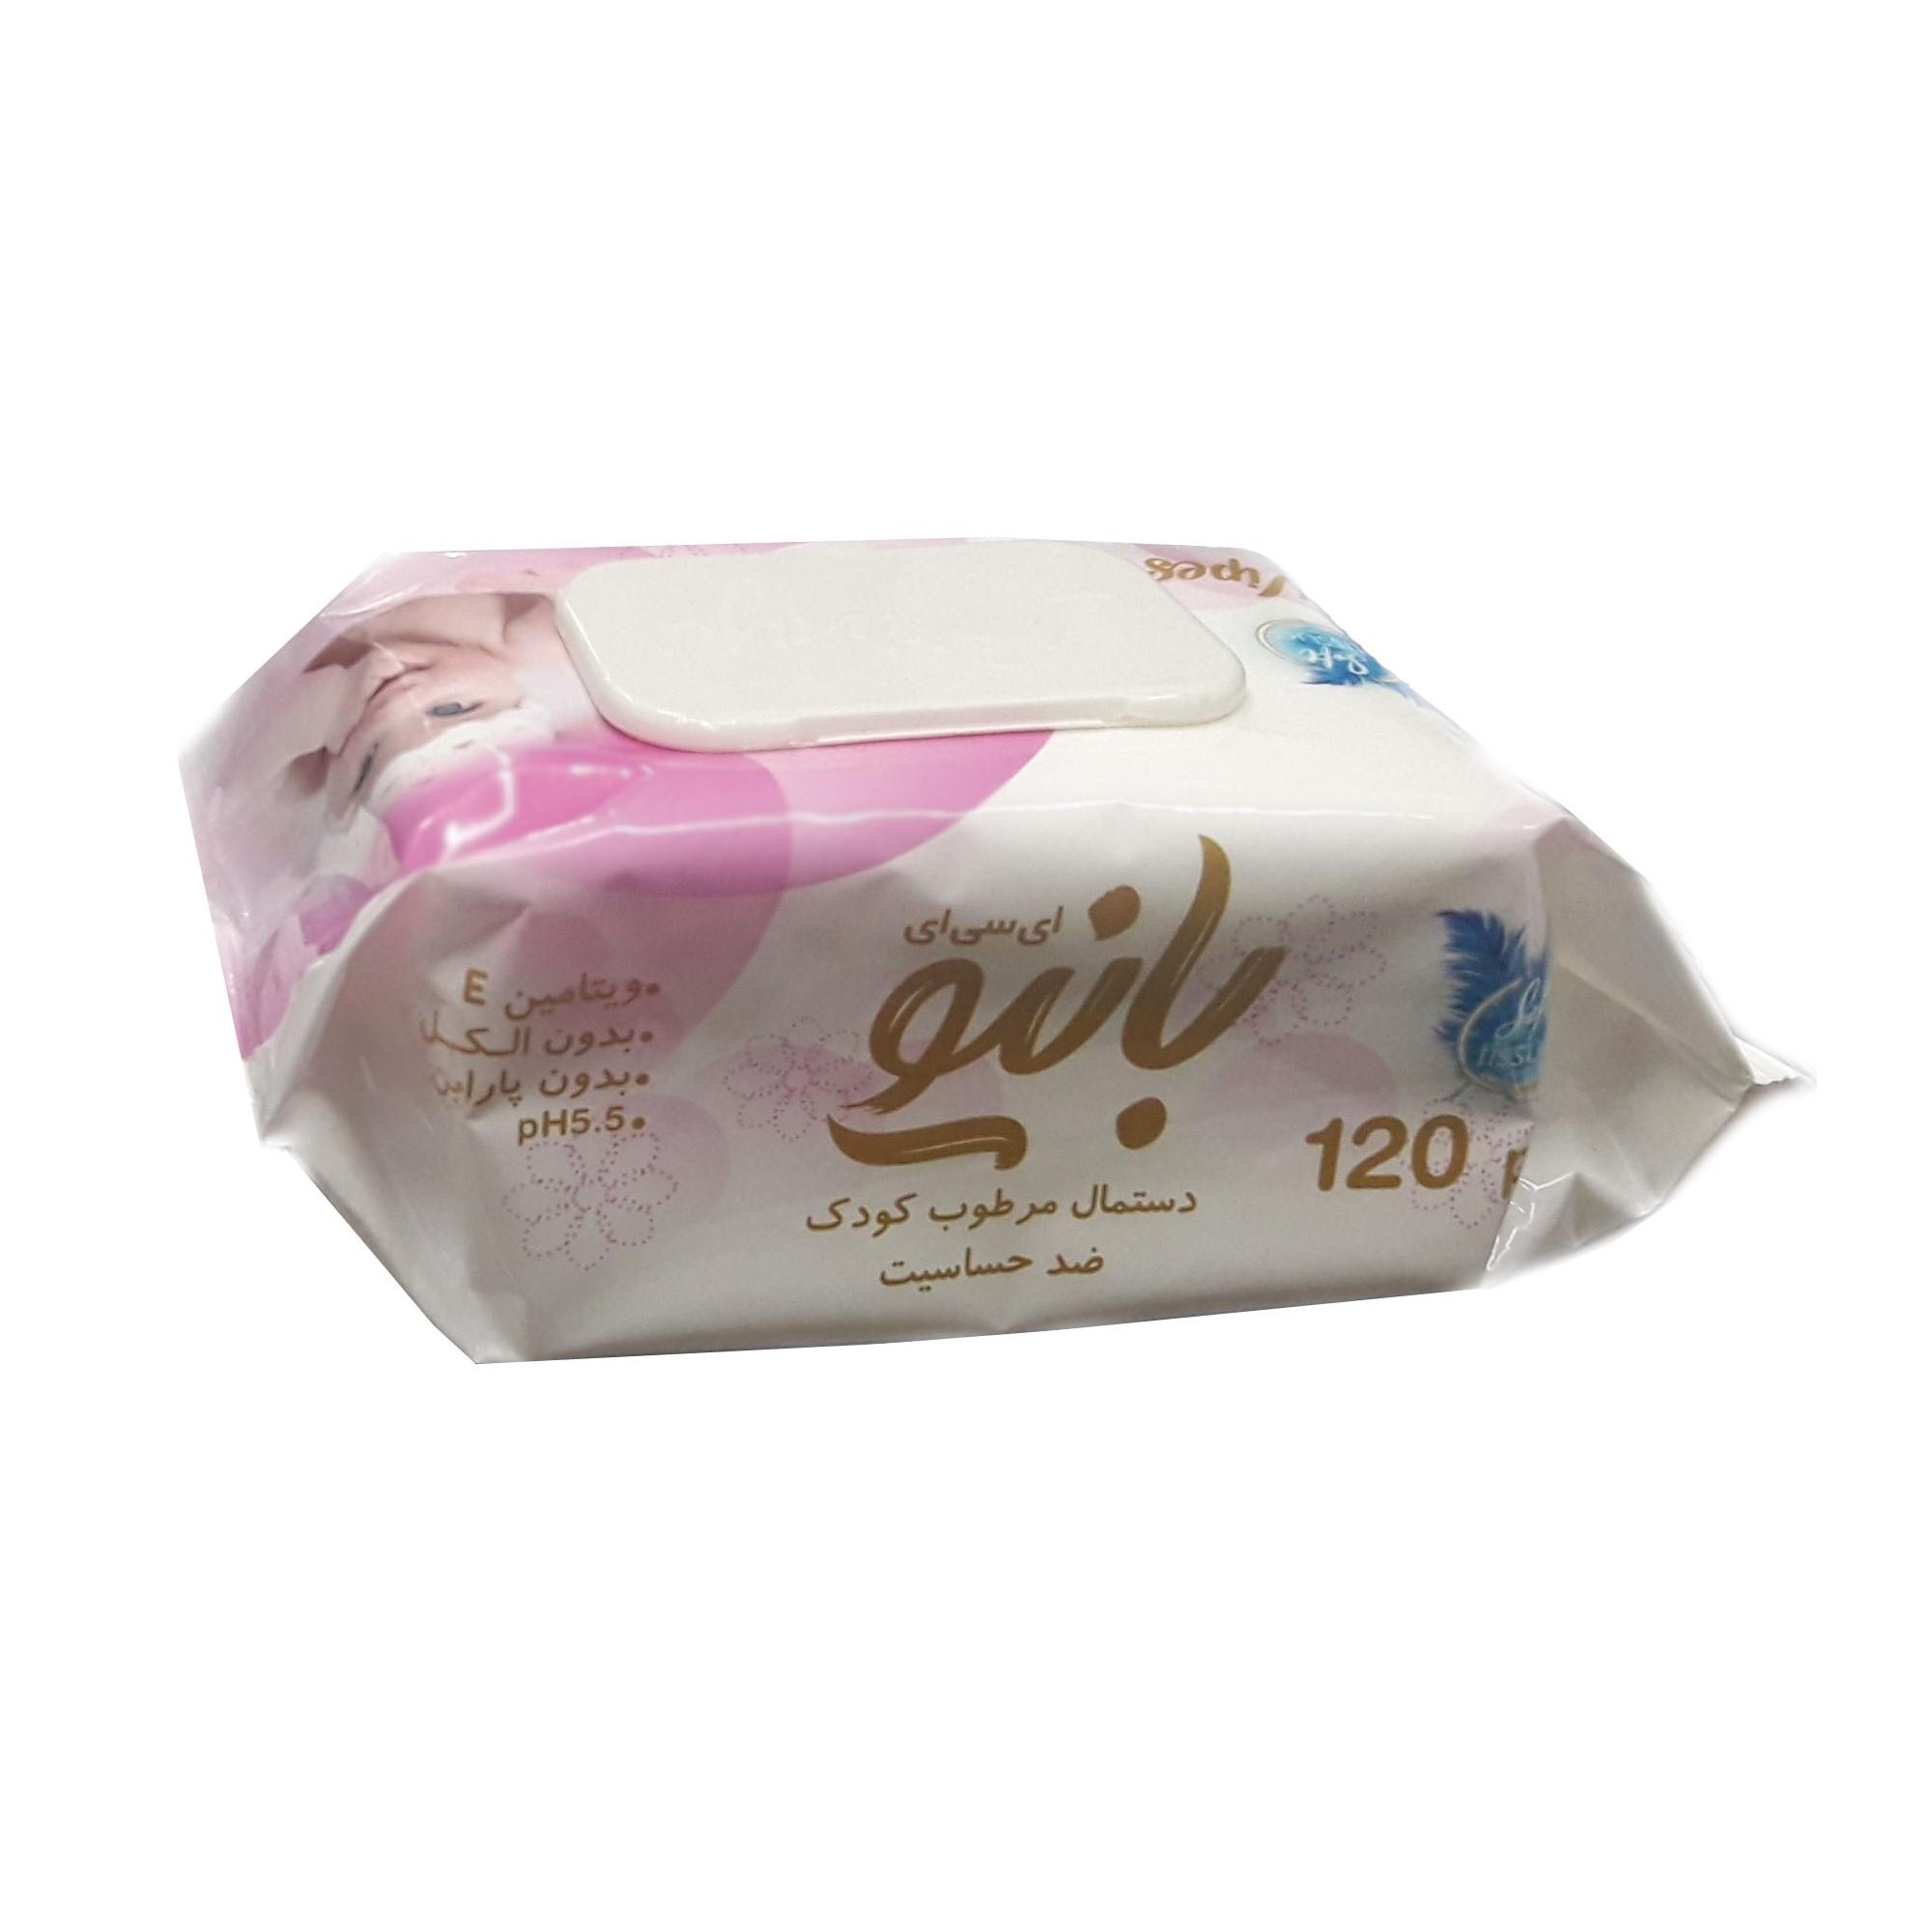 دستمال مرطوب کودک بانیو مدل ECE001 بسته 120 عددی